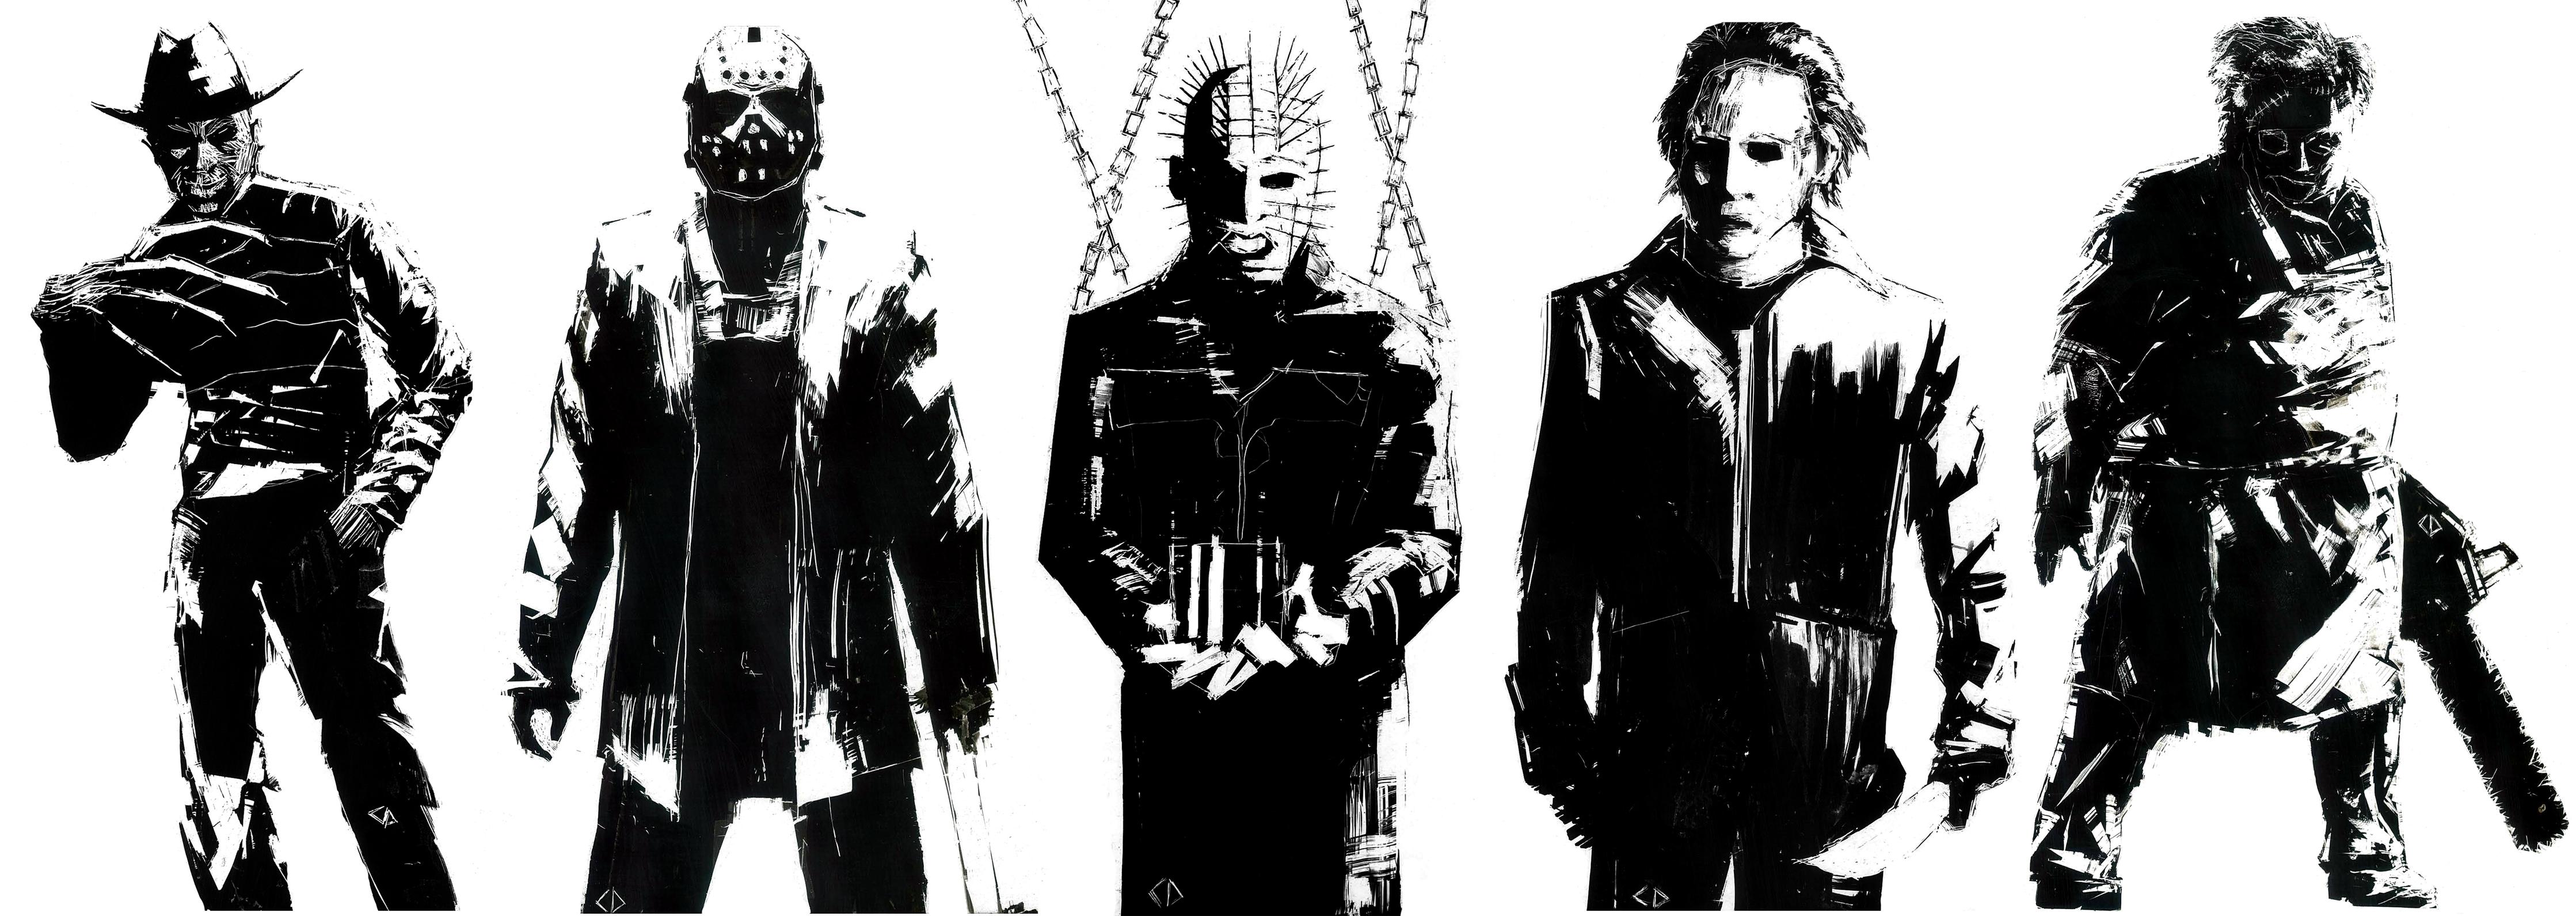 Horror Icons Film hellraiser horror 4475x1591